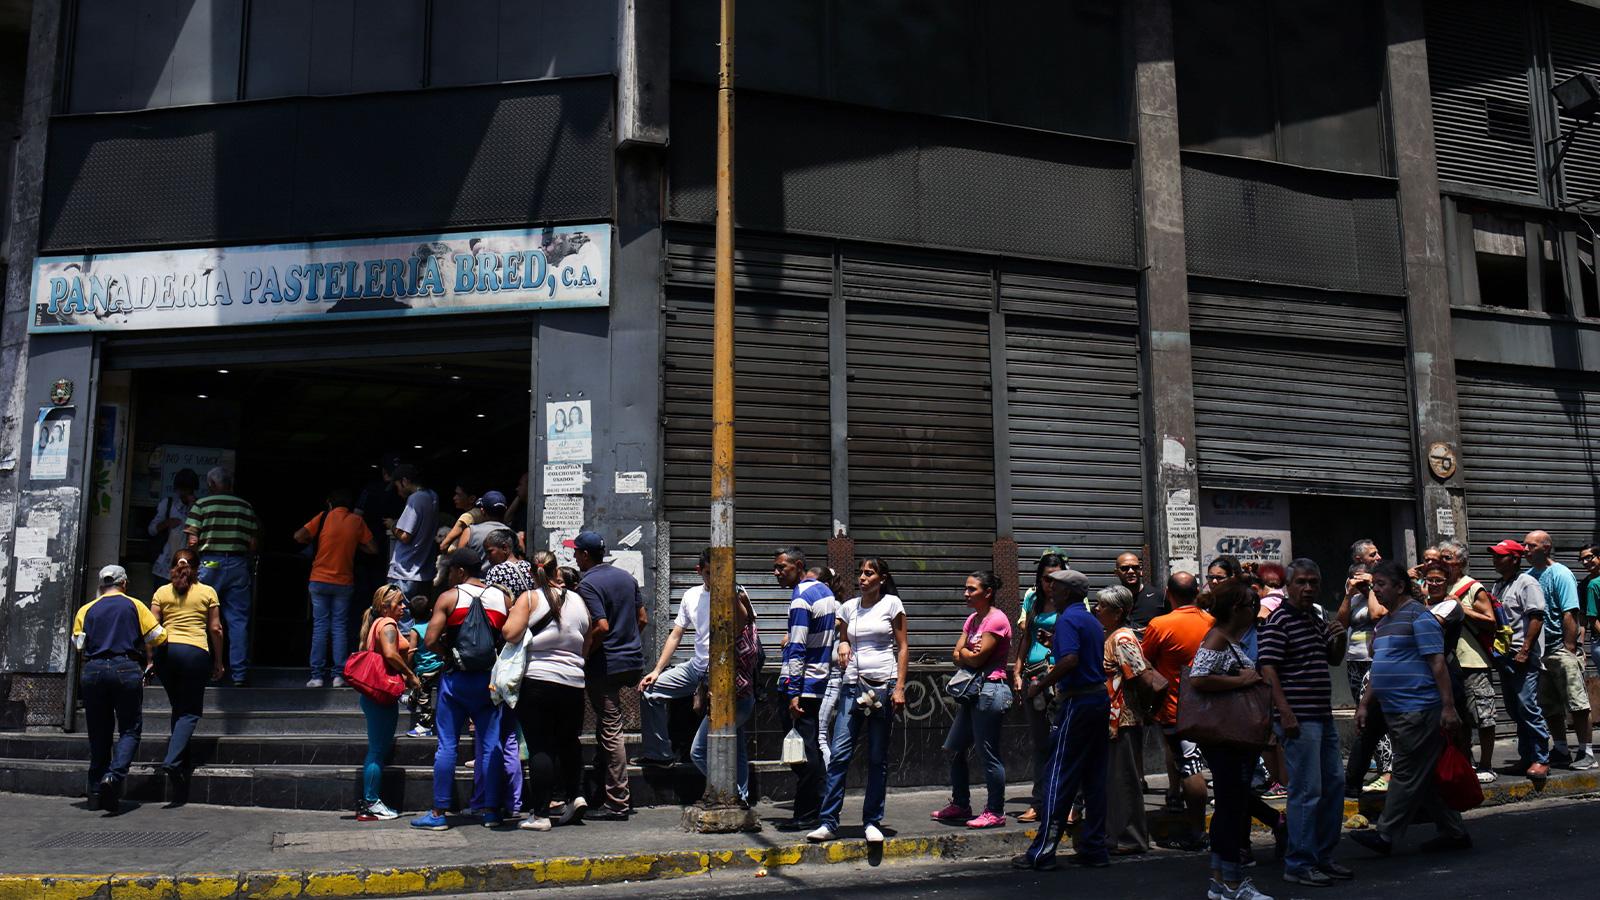 27-03-19-VENEZUELA-11-1554491034